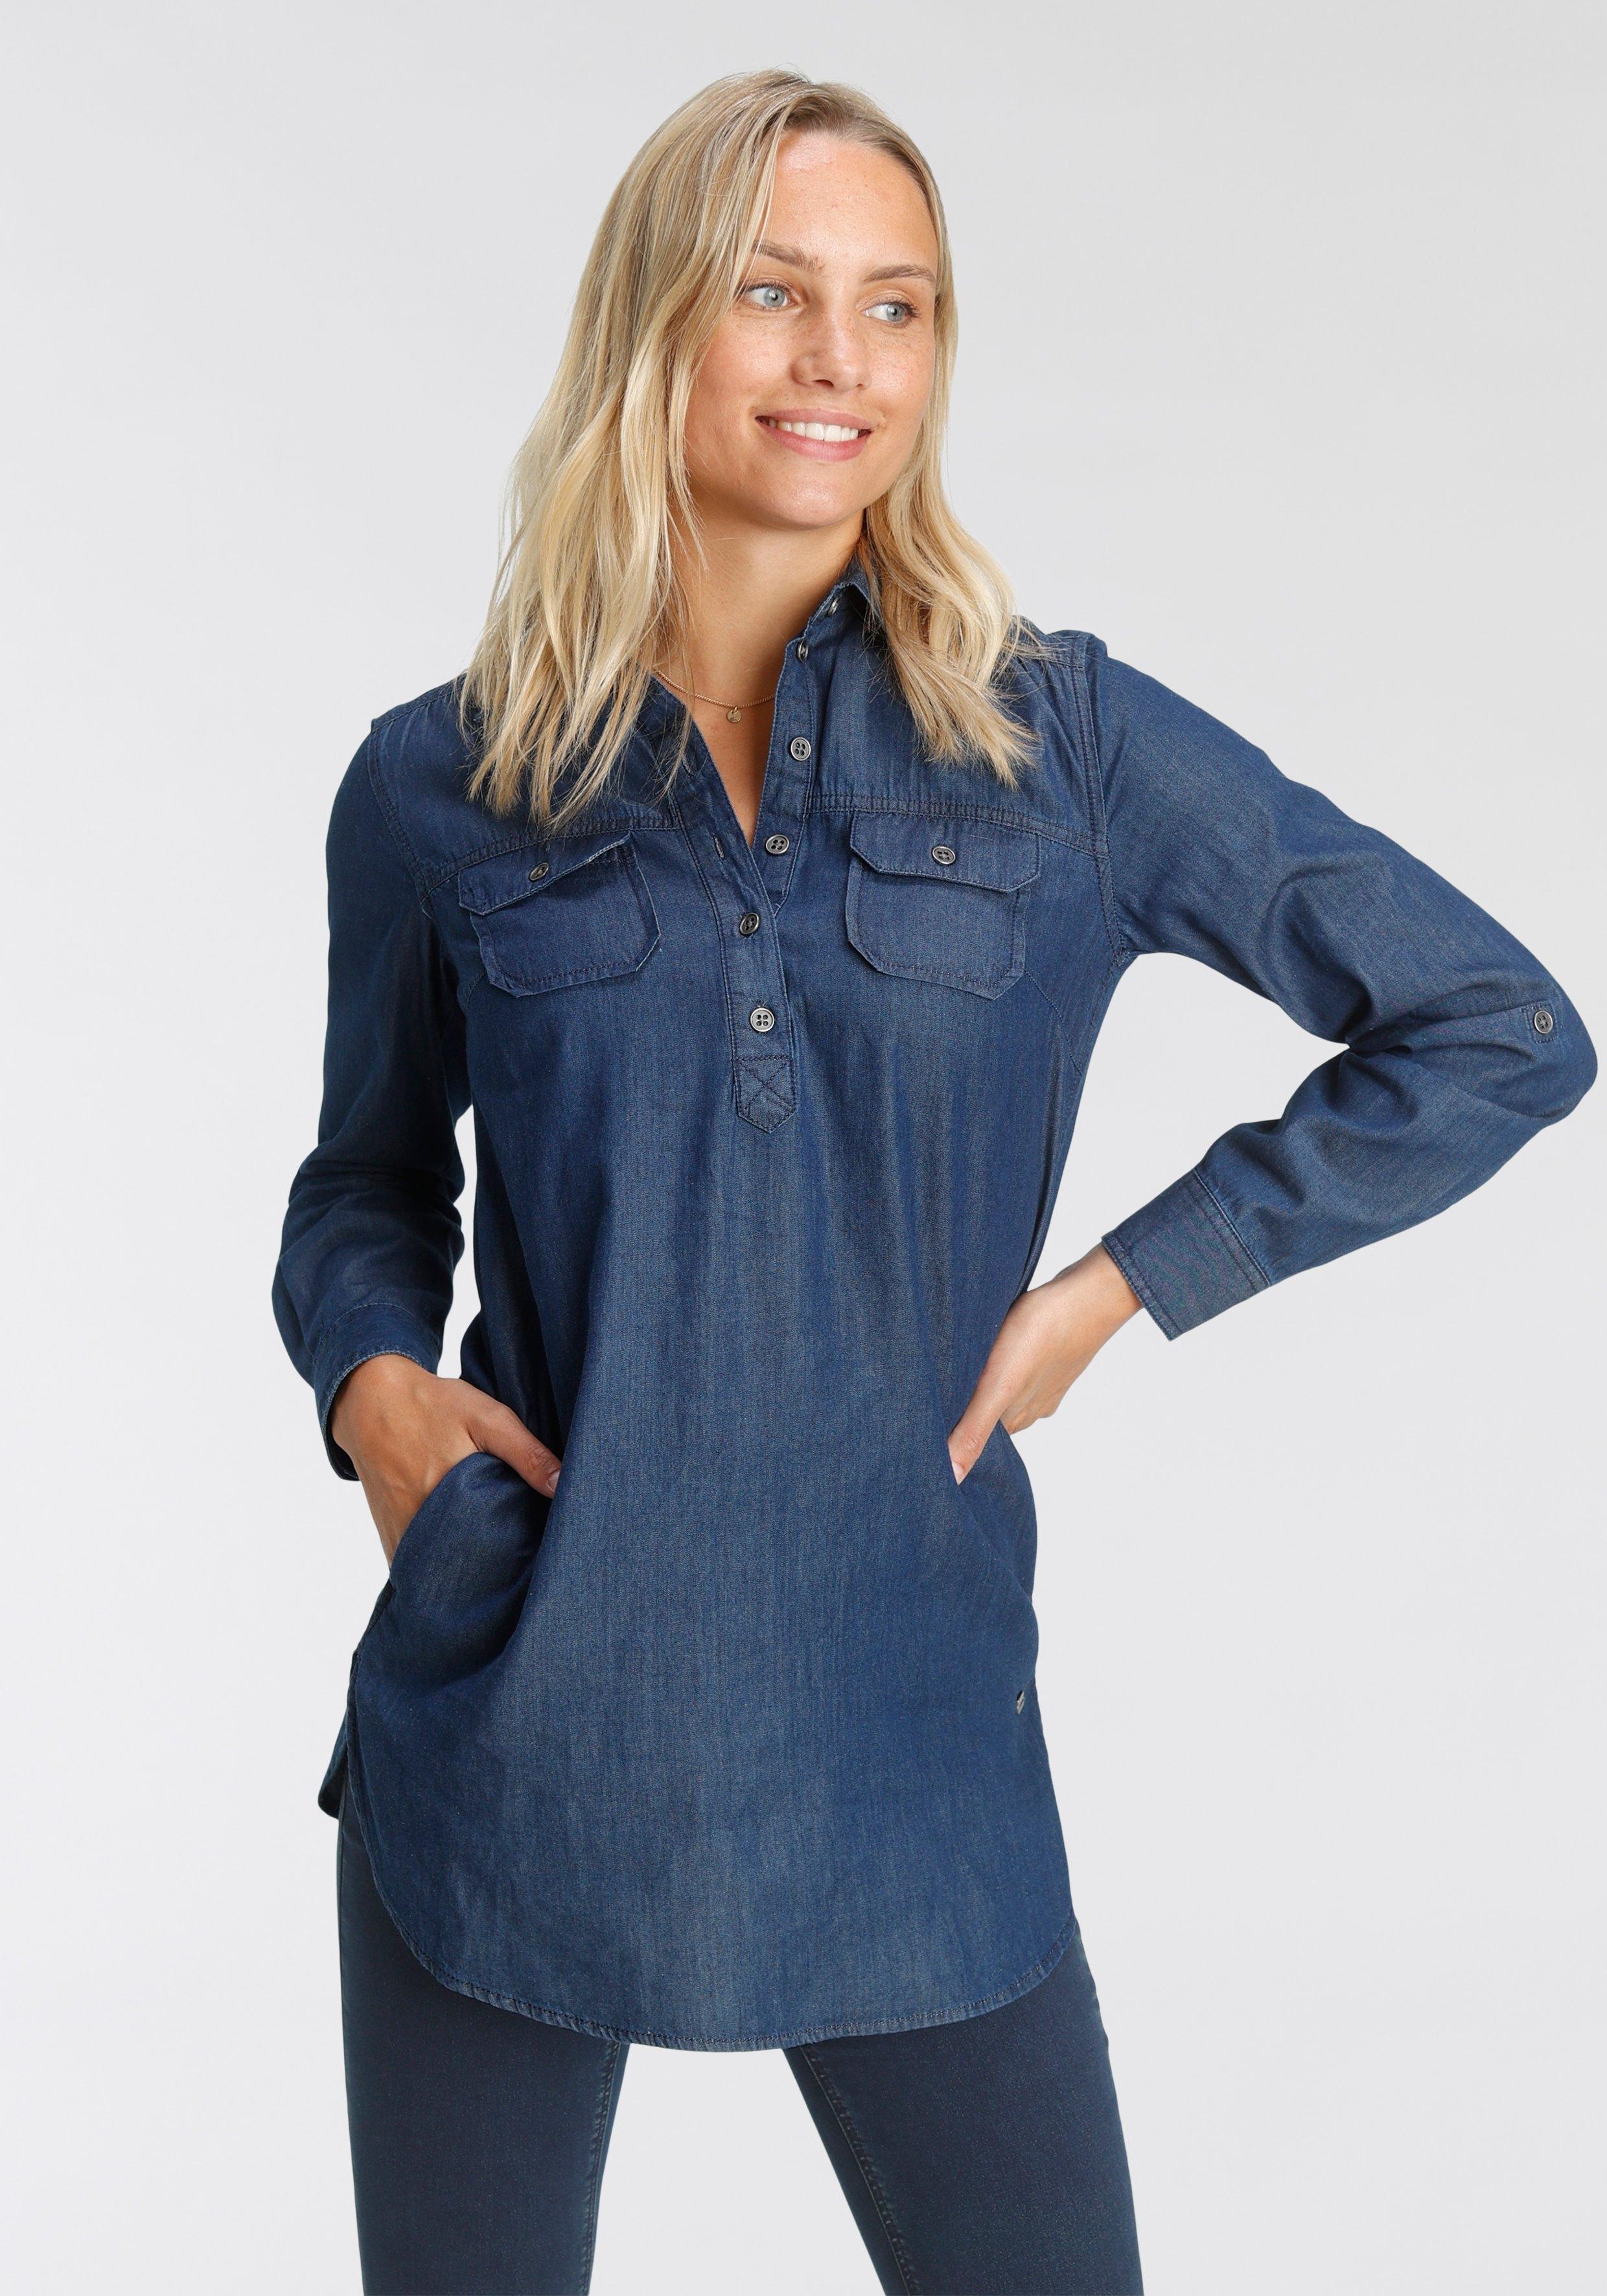 Arizona Jeansblouse Omslagmouwen met trensje in tuniekstijl nu online kopen bij OTTO